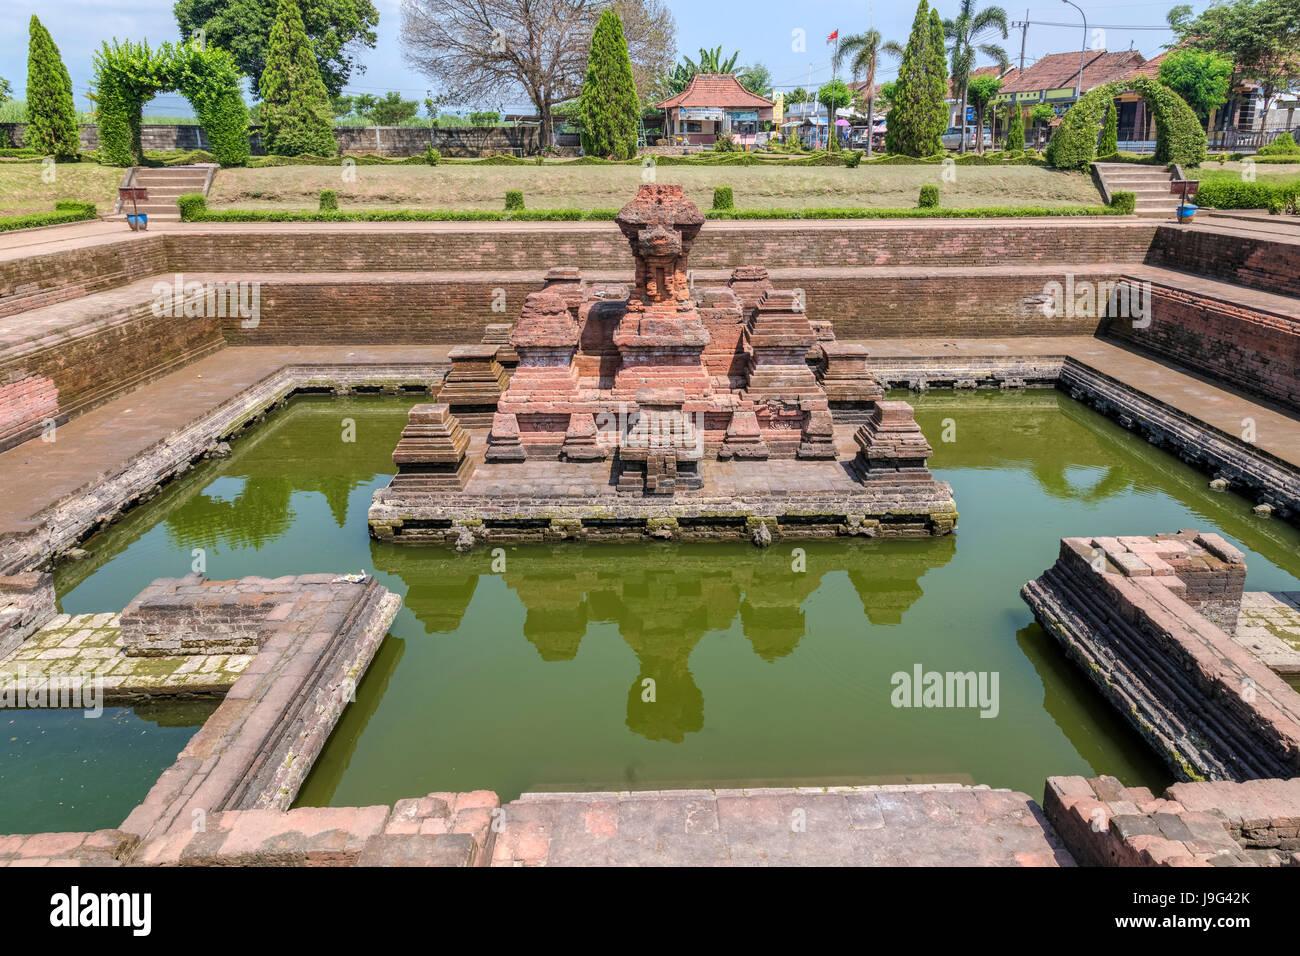 Candi Tikus bathing place, Trowulan, Mojokerto, Java, Indonesia, Asia - Stock Image